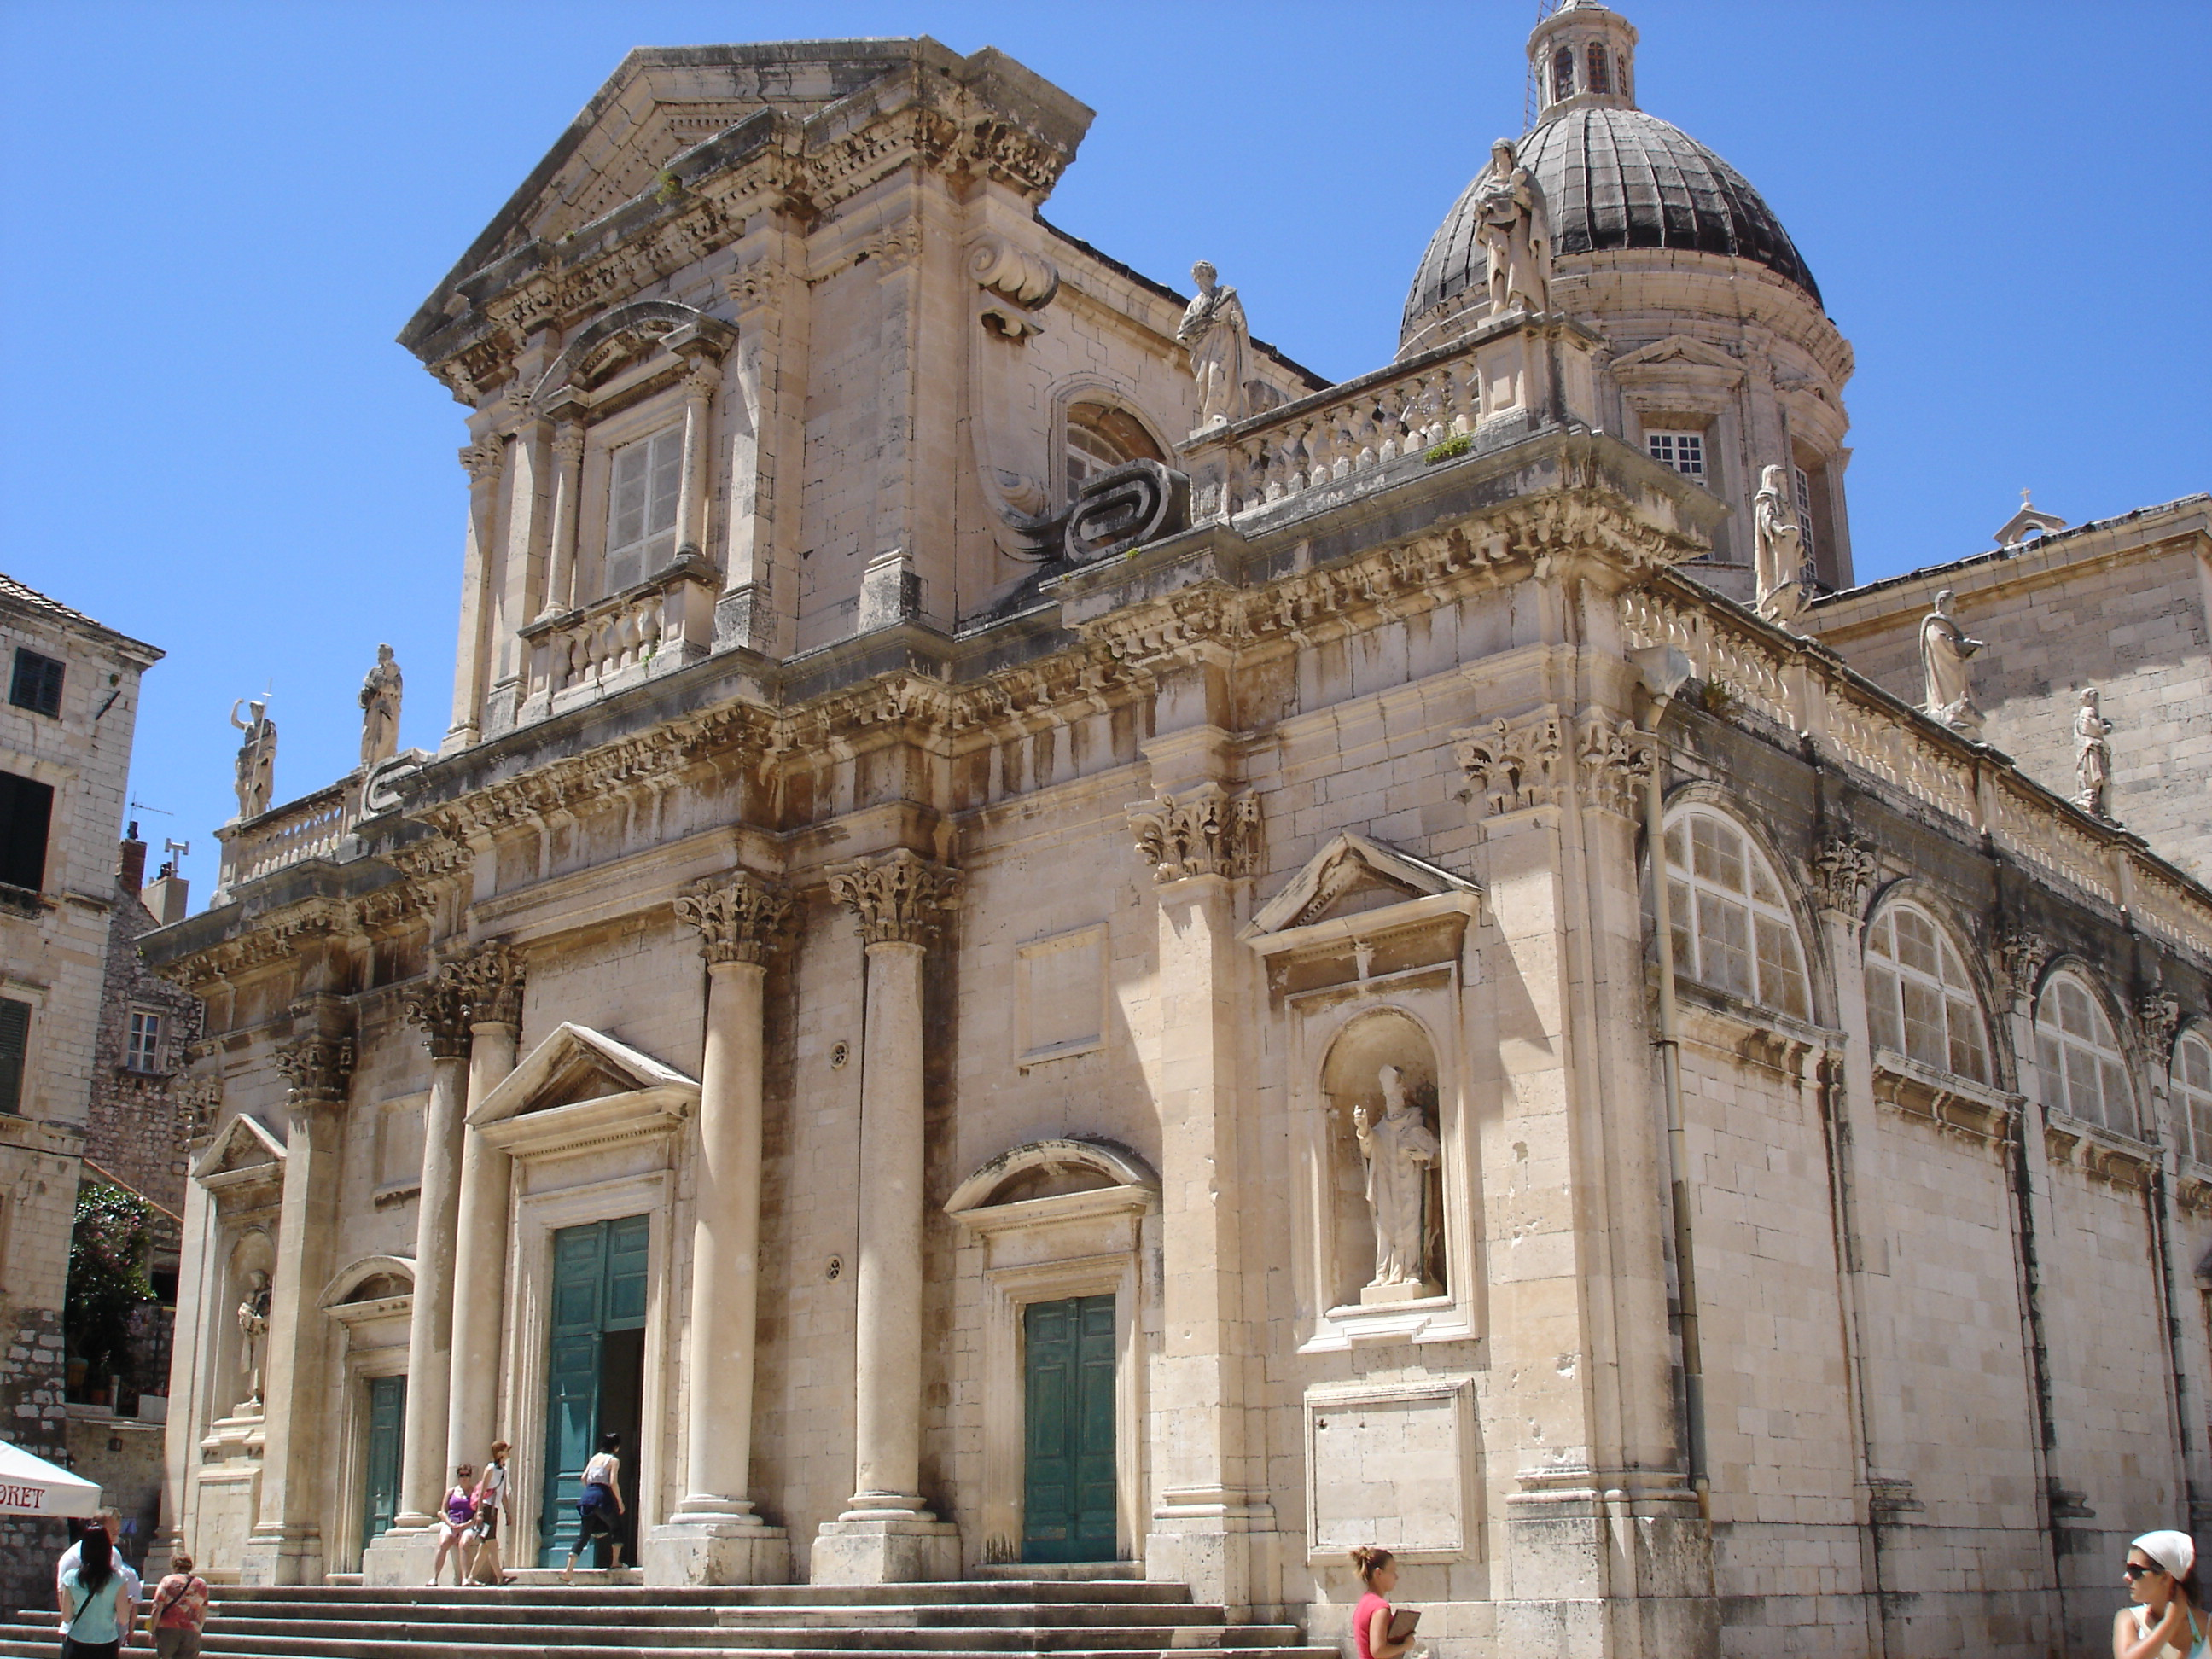 Misterija katedrala DubrovnikDSC00158